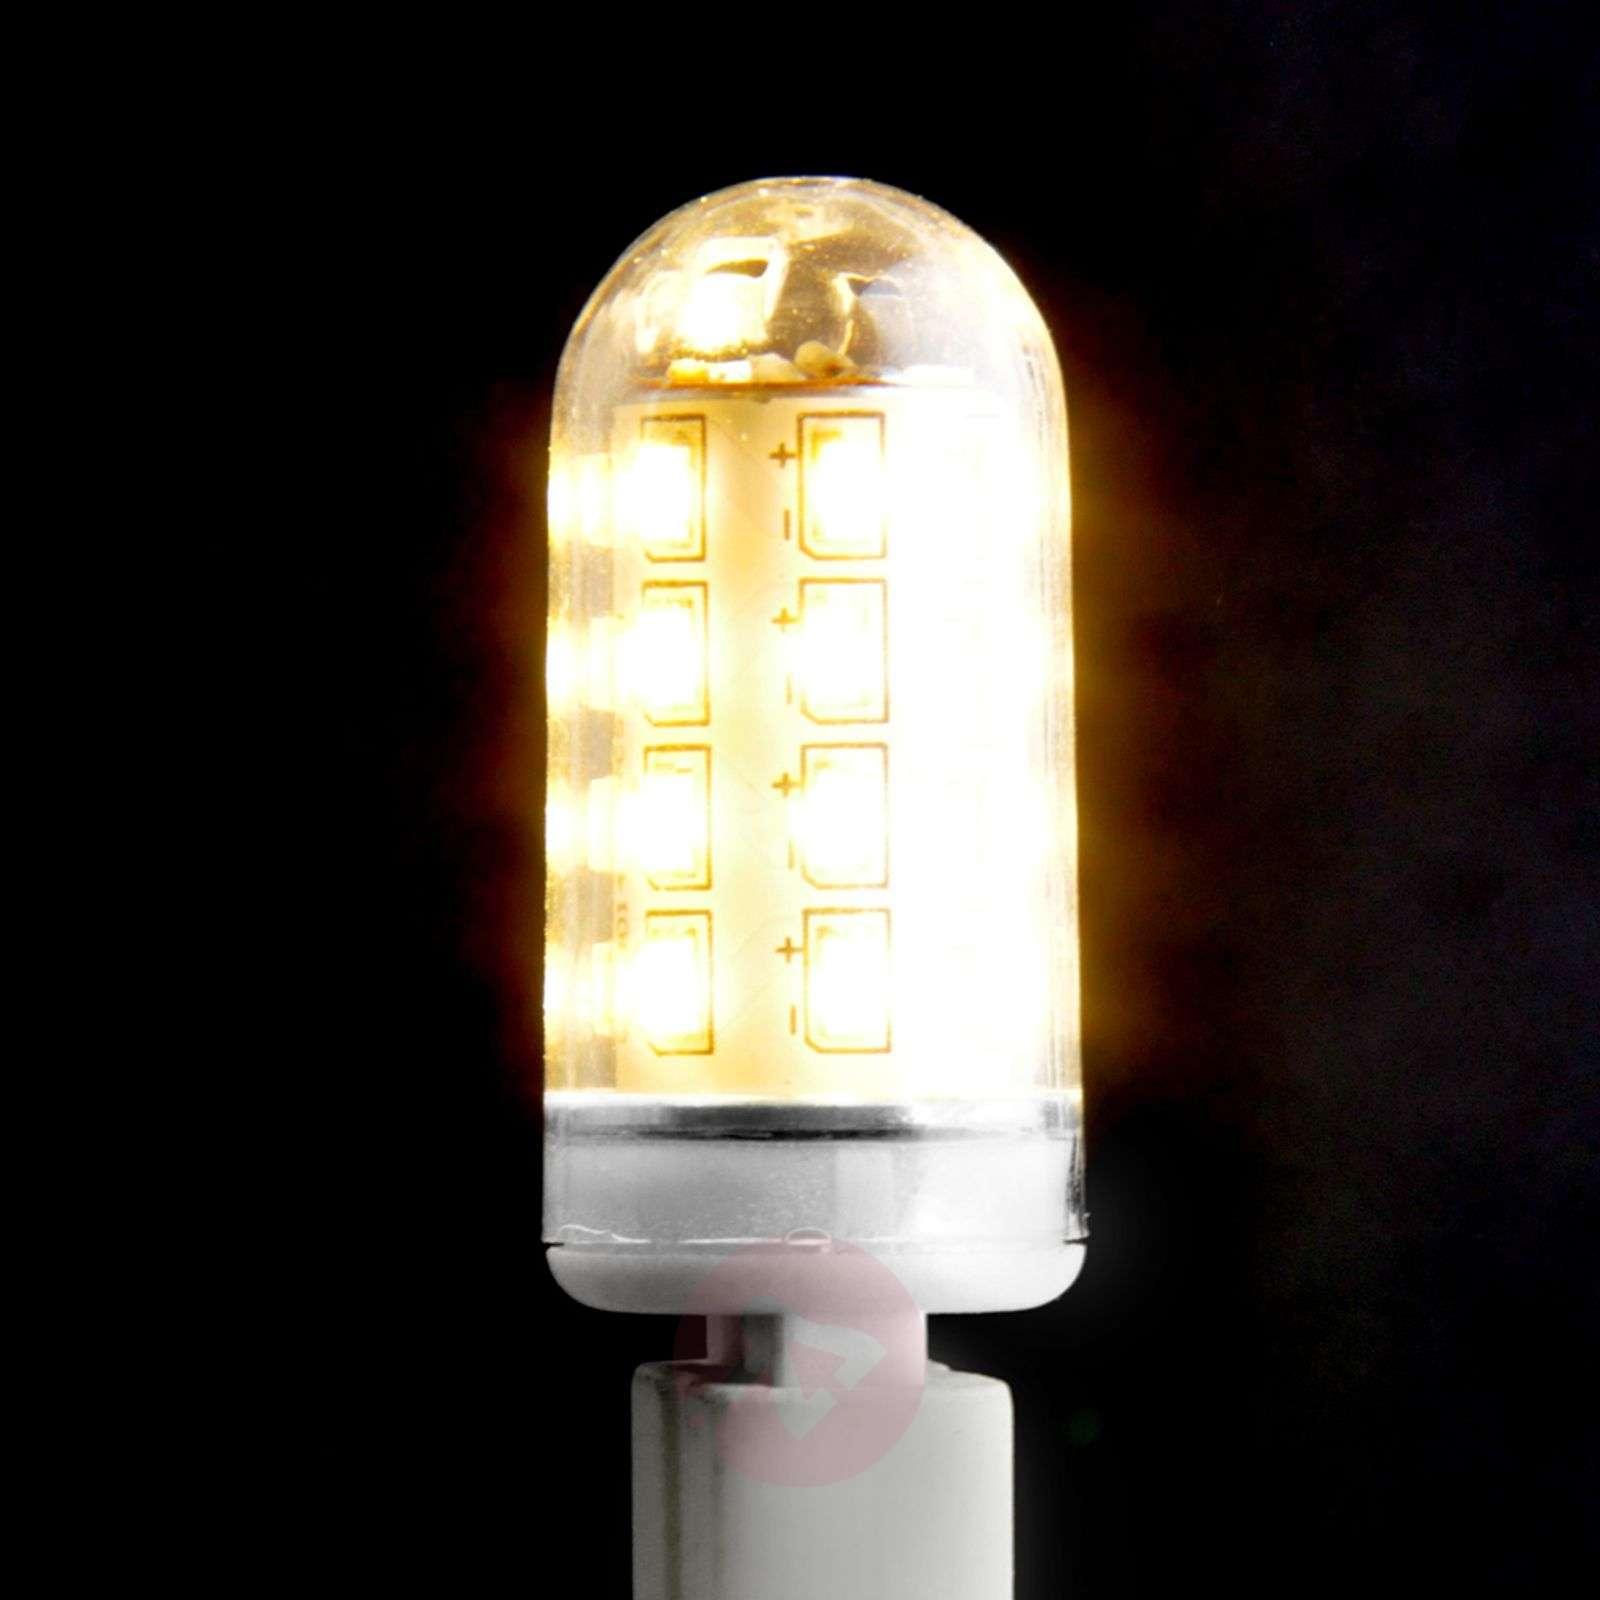 LED-lamppu kirkas G9 3W 830, putkimalli, kirkas-9620006-06